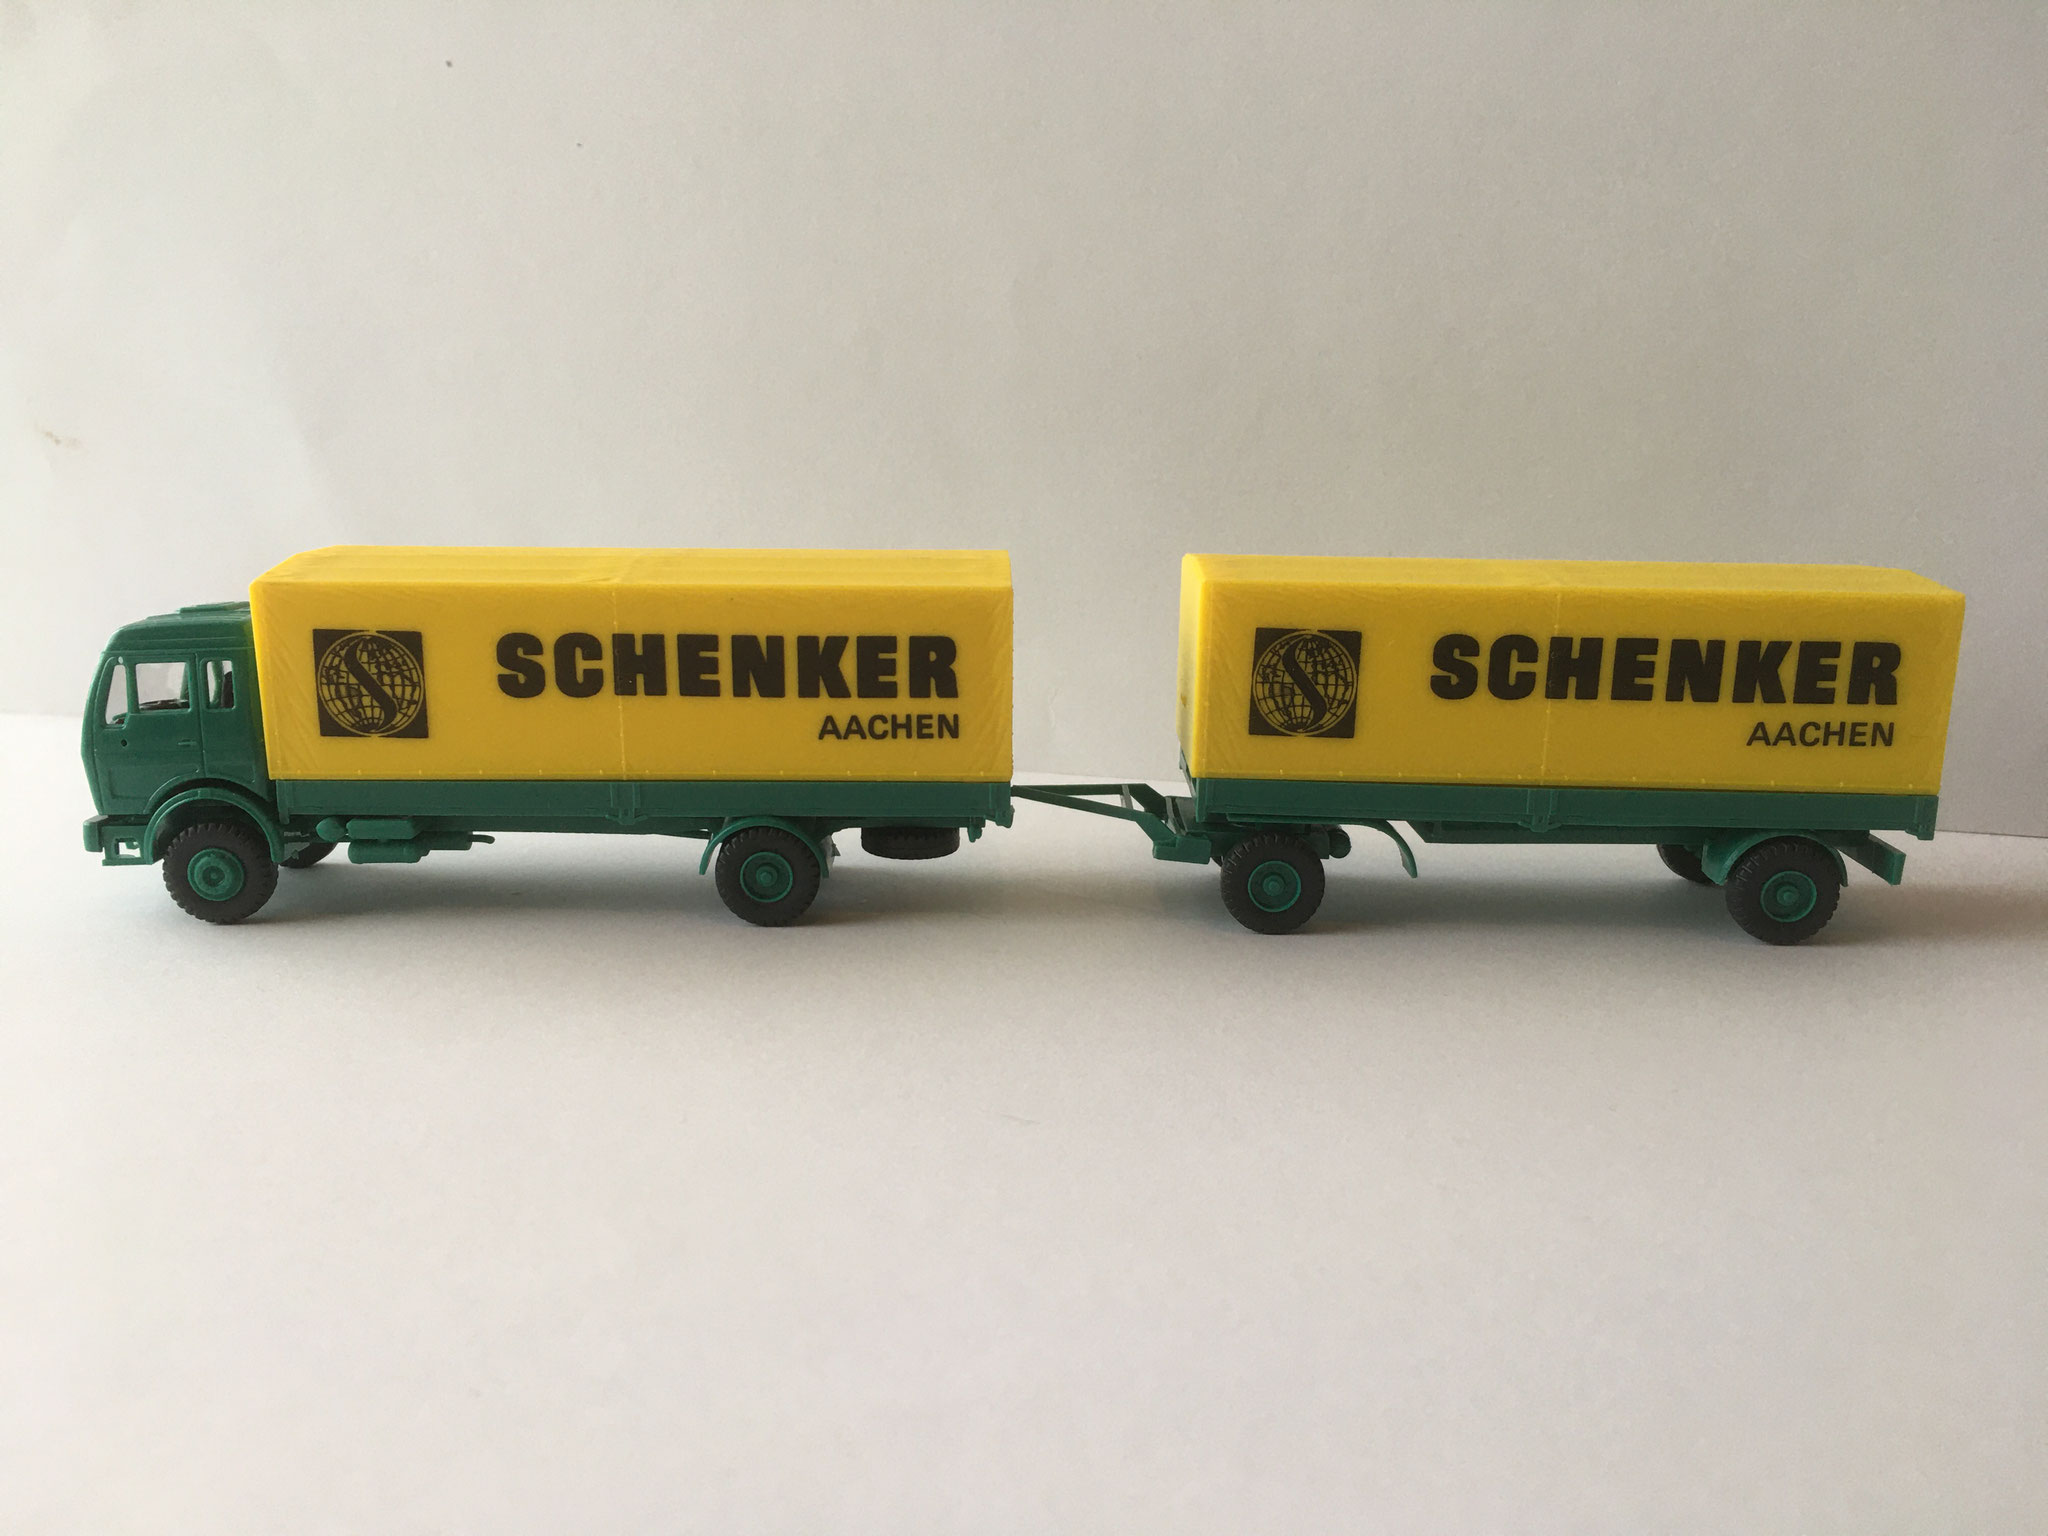 Die diversen Varianten vom Schenker 2-Achser mit 2-Achs-Anhänger, Art. Nr. HA-538 (1987)